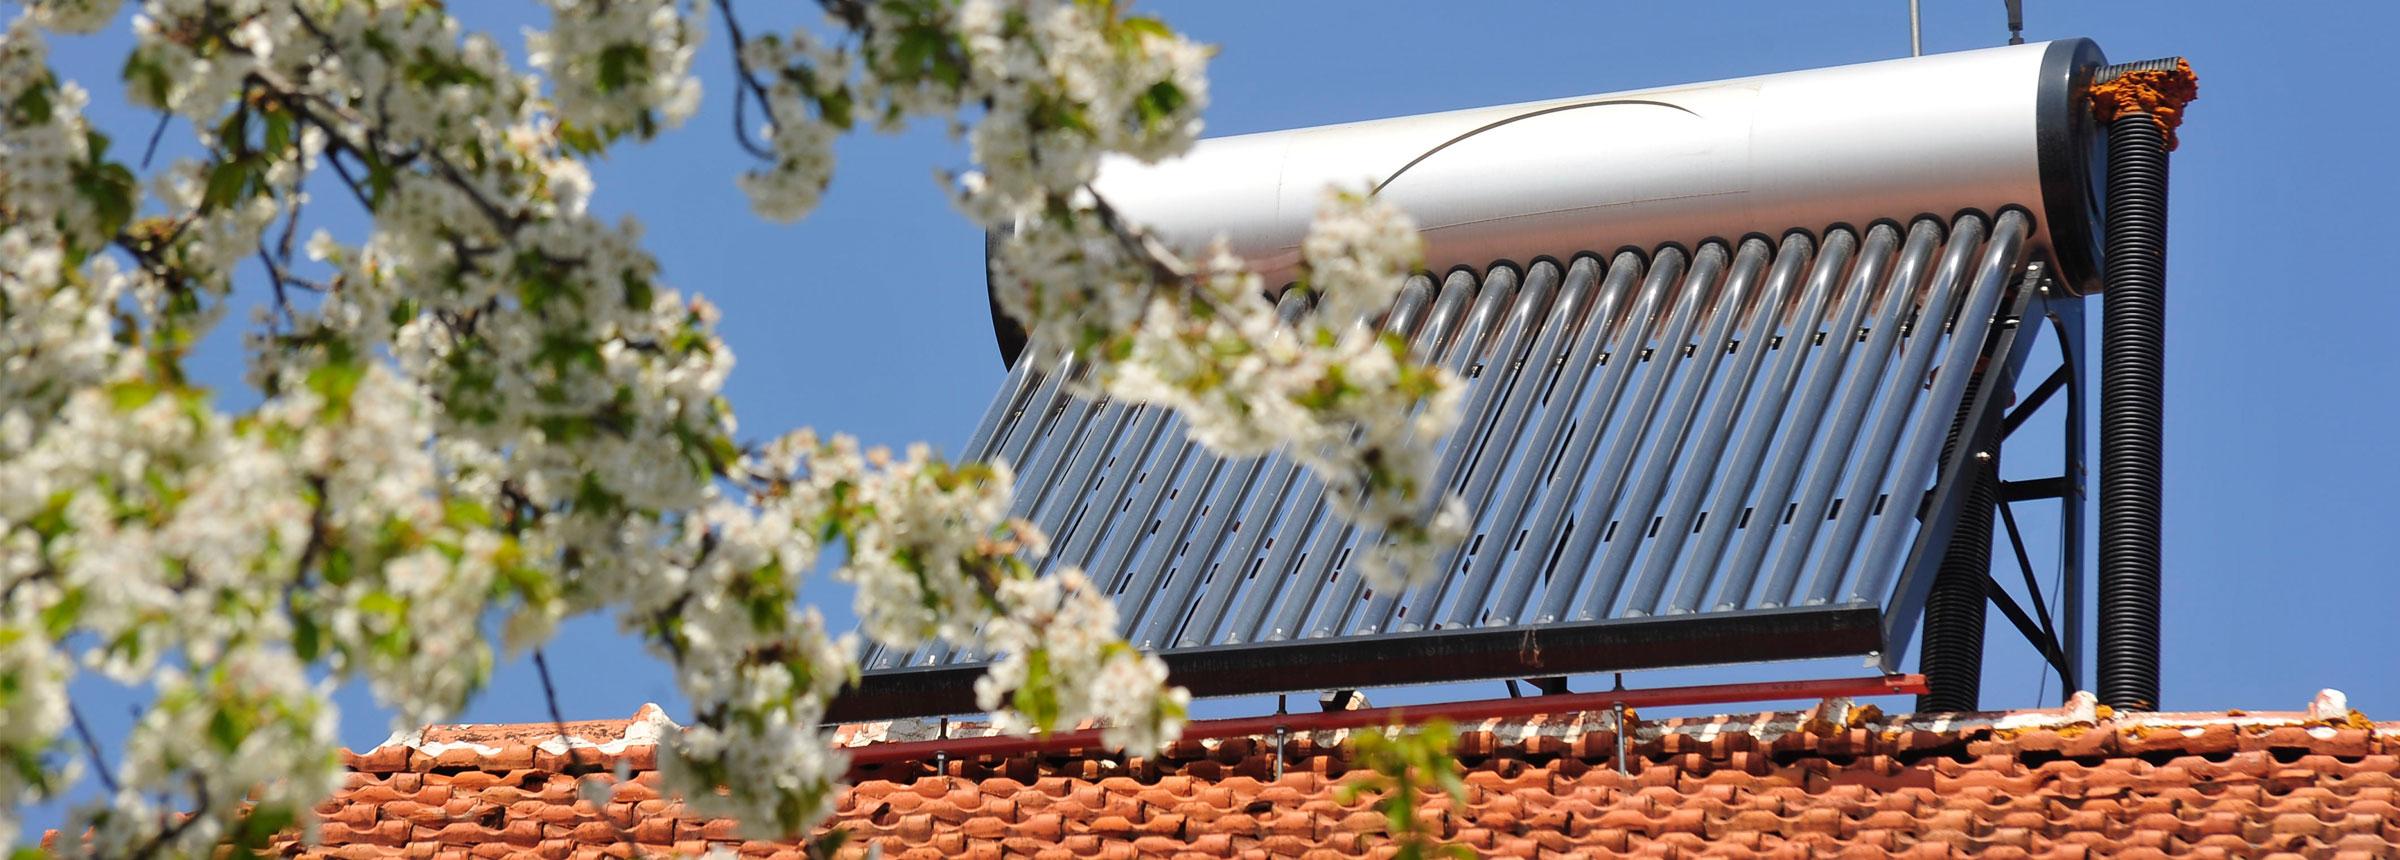 Solar panel atop Macedonian house